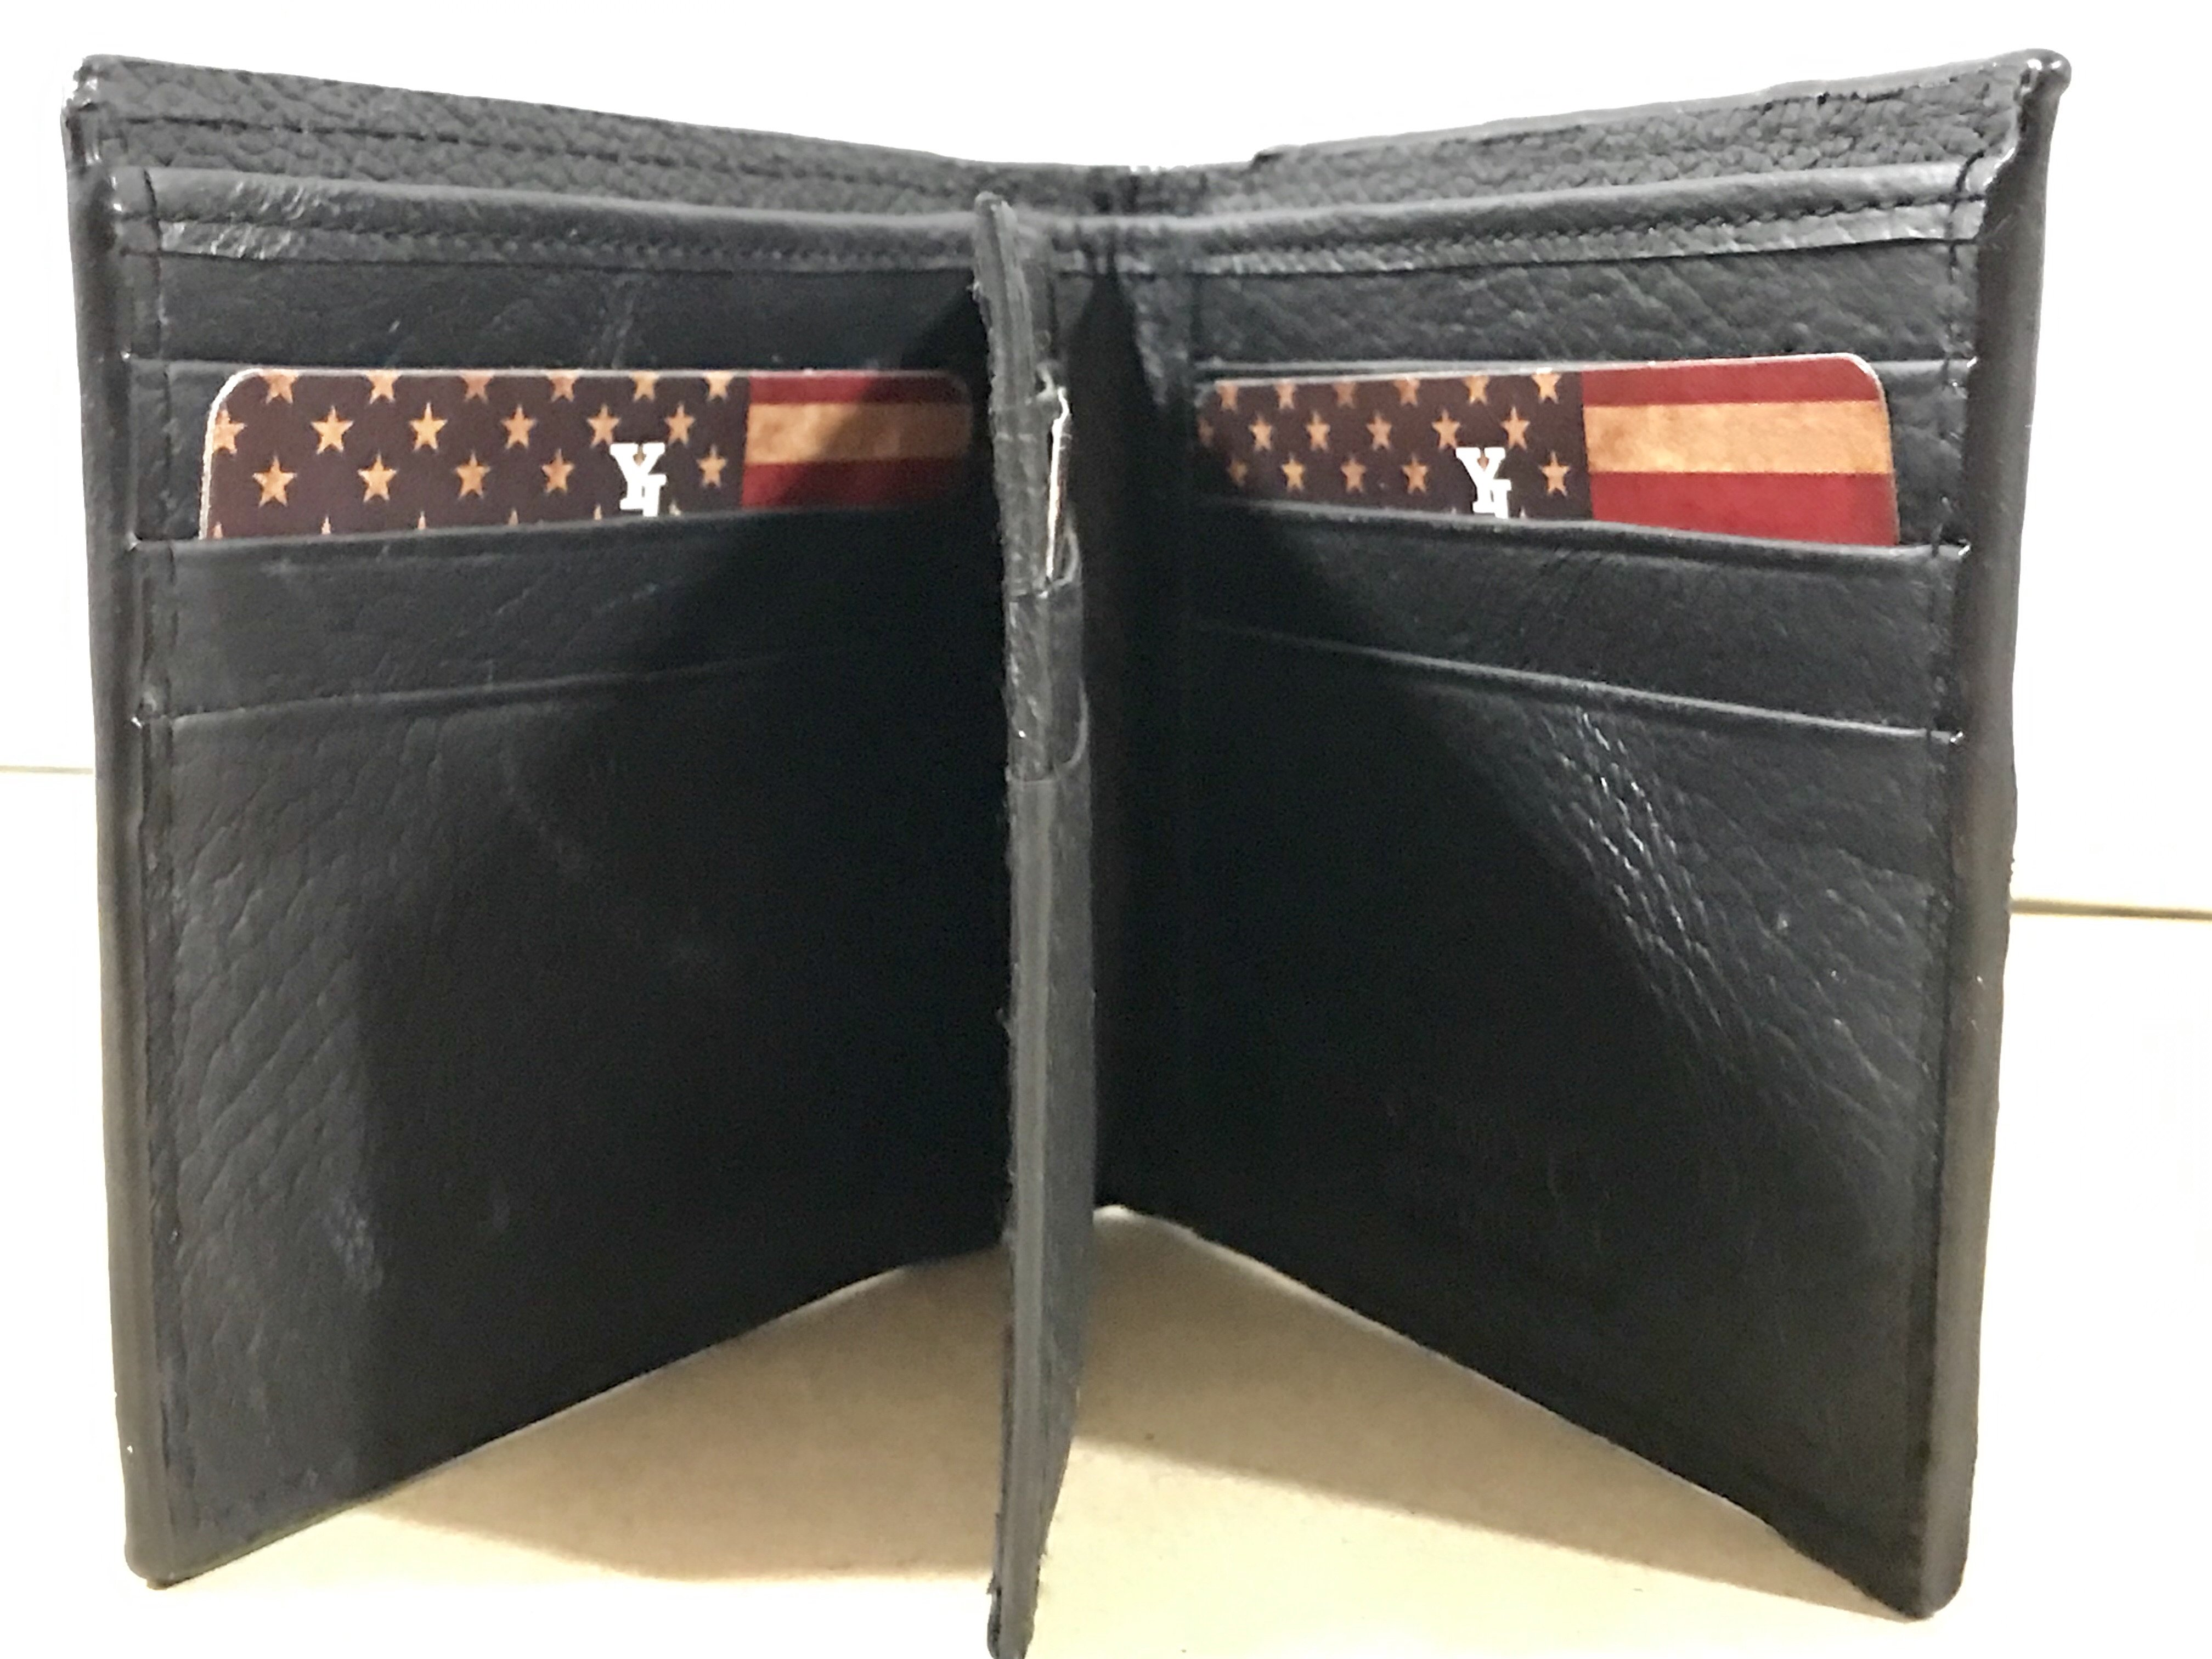 Vintage American Eagle Bi-fold Leather Wallet